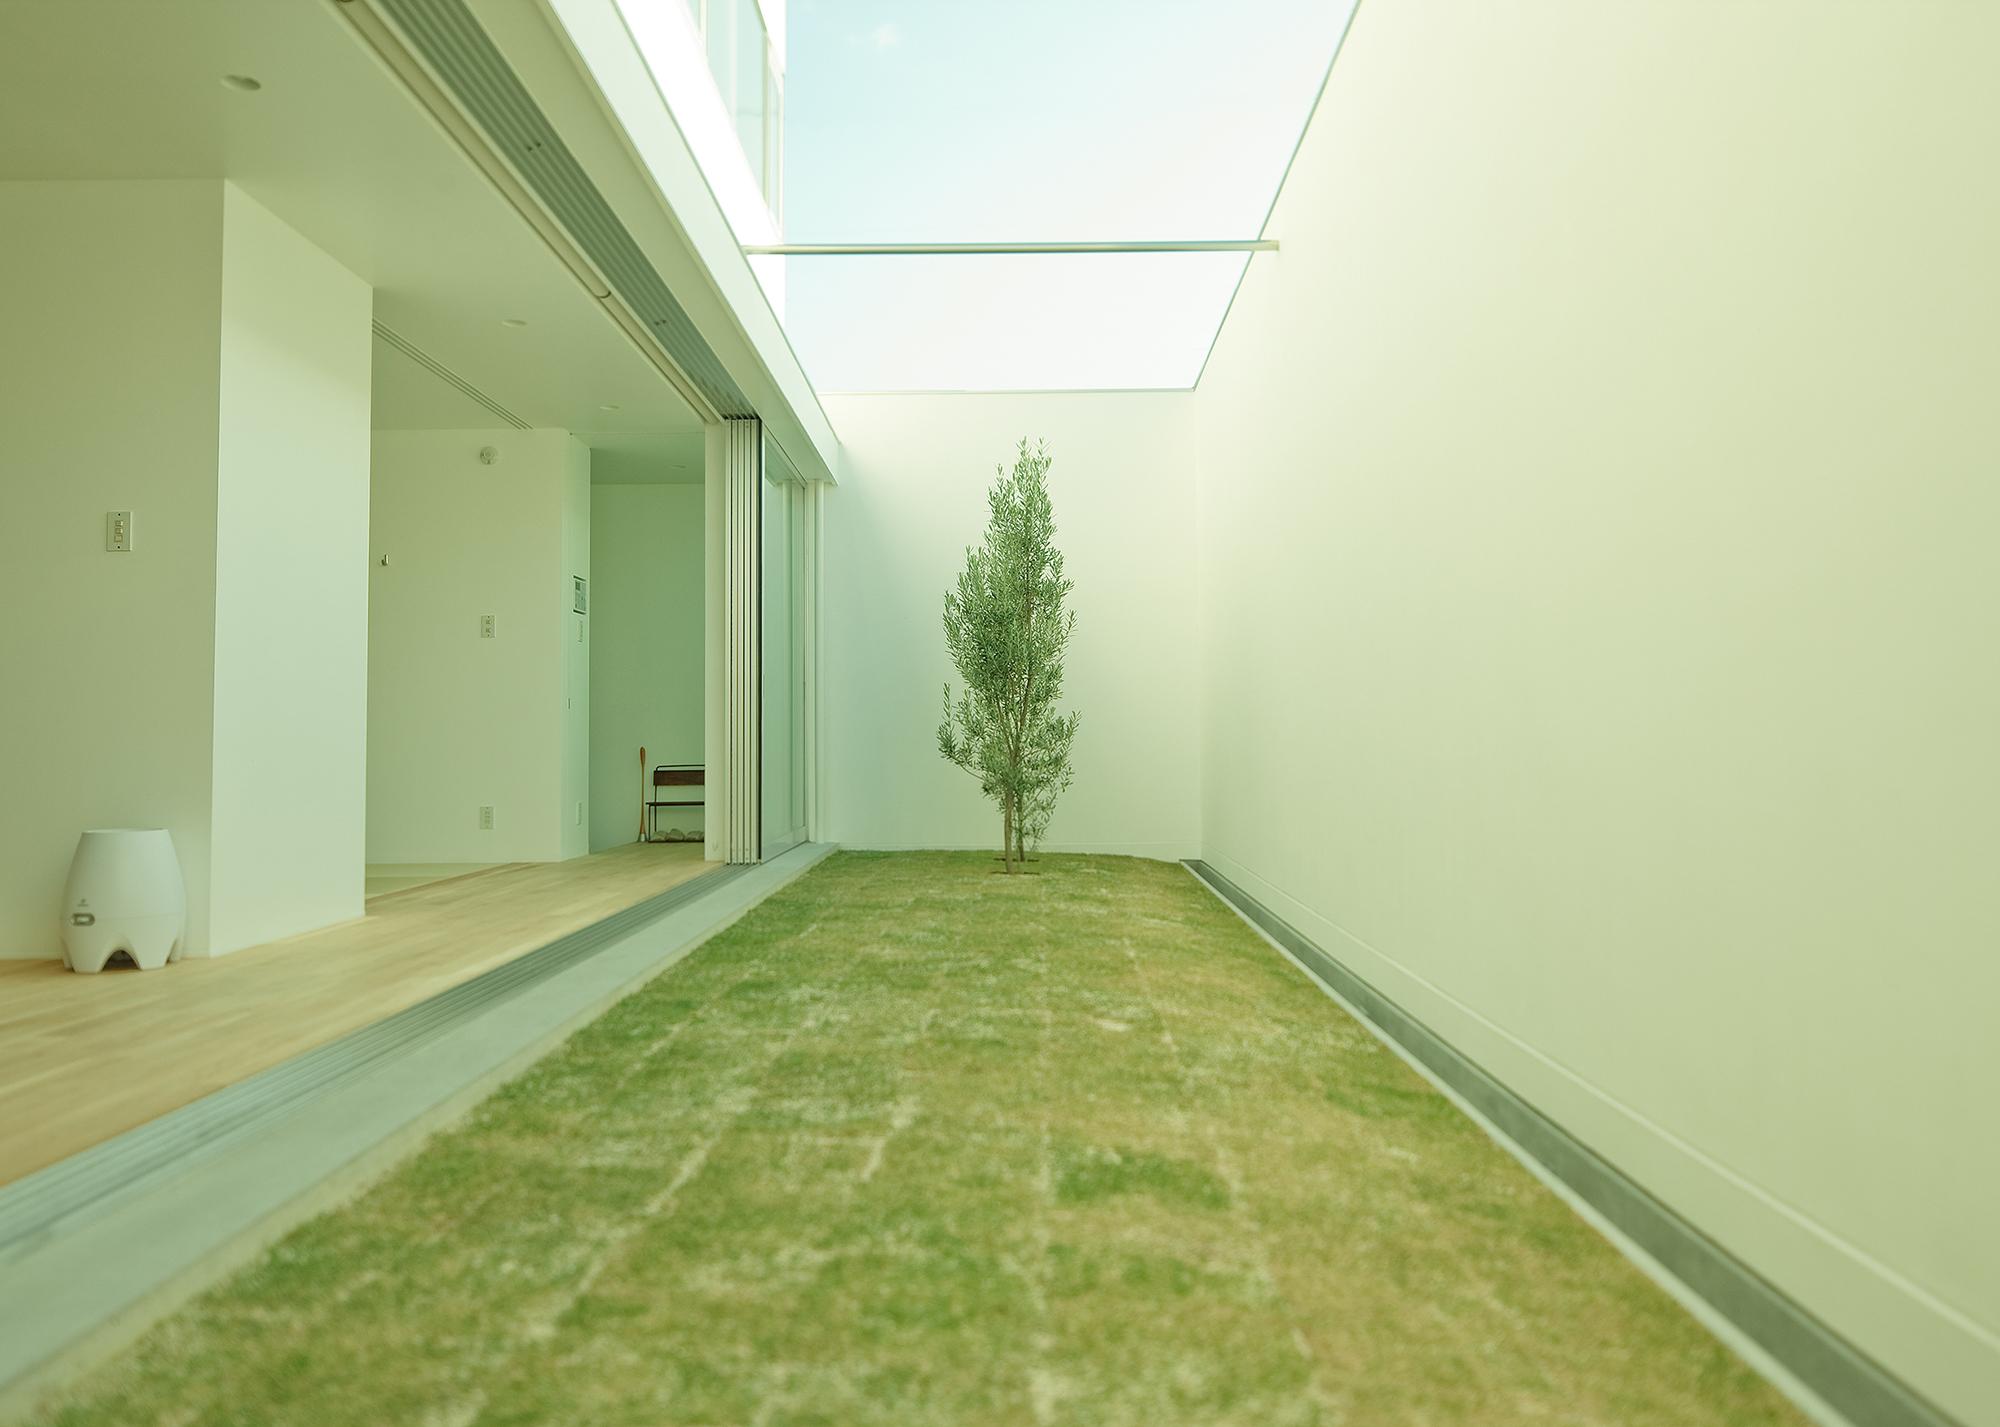 建築家が提案する中庭型住宅